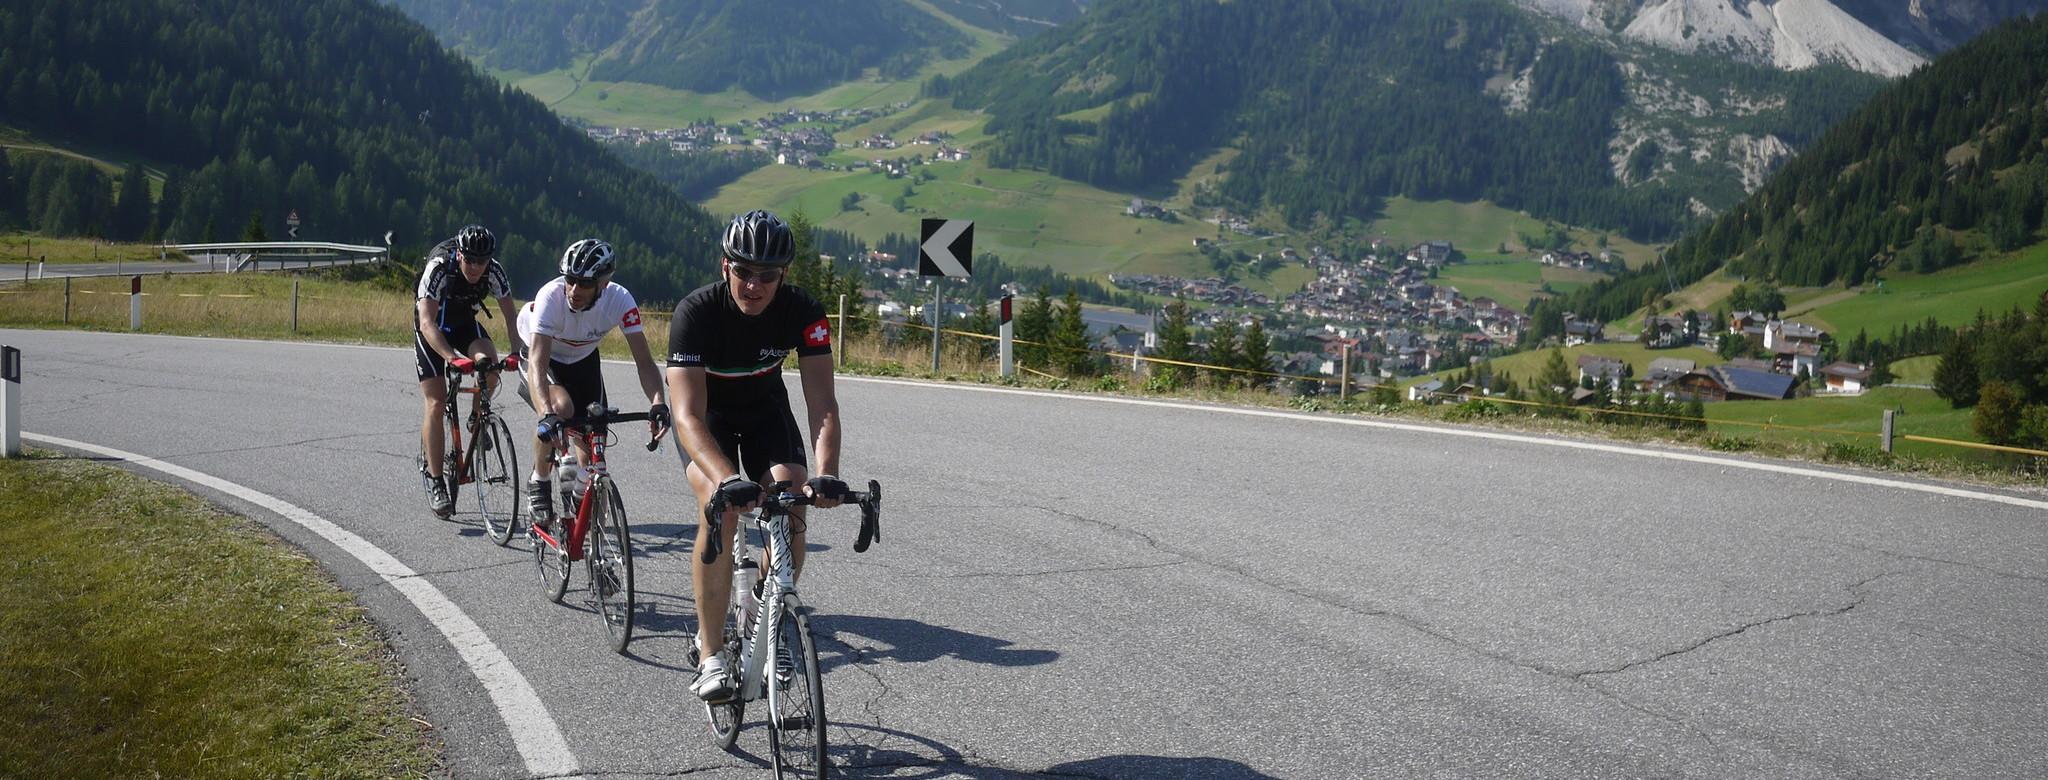 quäldich-Reisen. Einfach Pässe fahren. Auf deinem Niveau. Entspannt, ausdauernd, sportiv!  __x[http://reisen.quaeldich.de/]